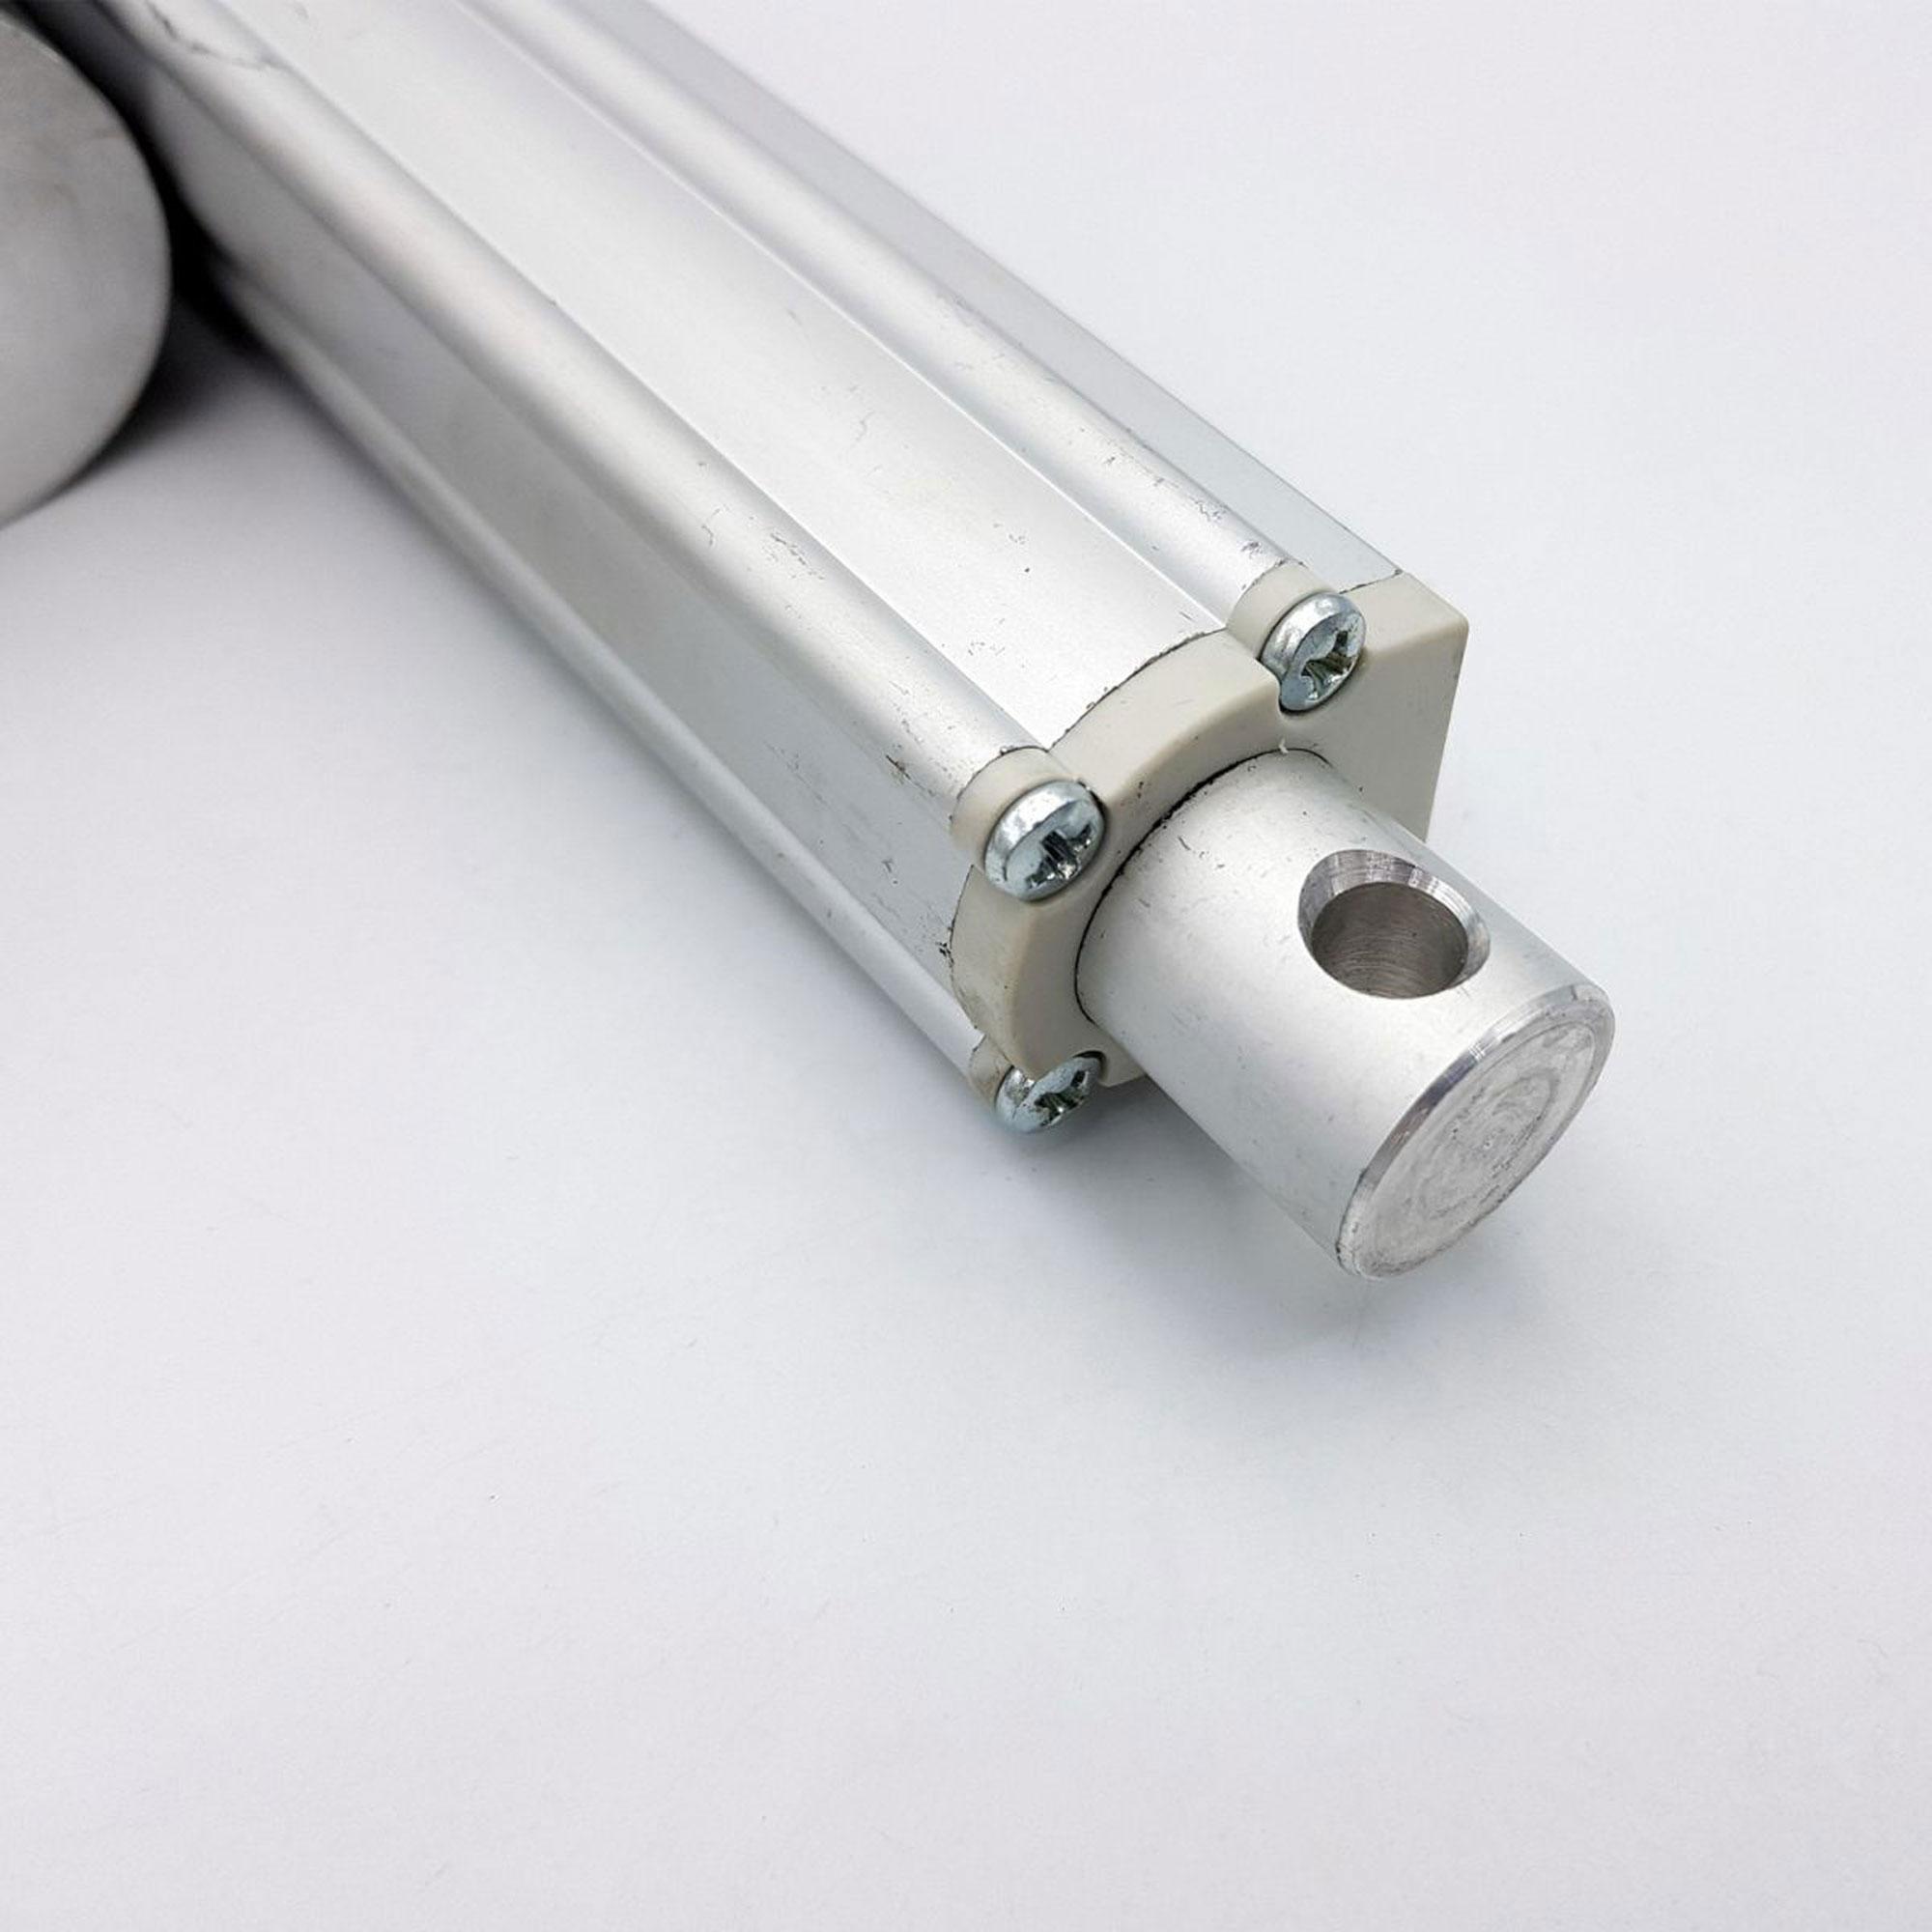 Phần đầu Xi lanh điện 24V có lực nâng 1500N